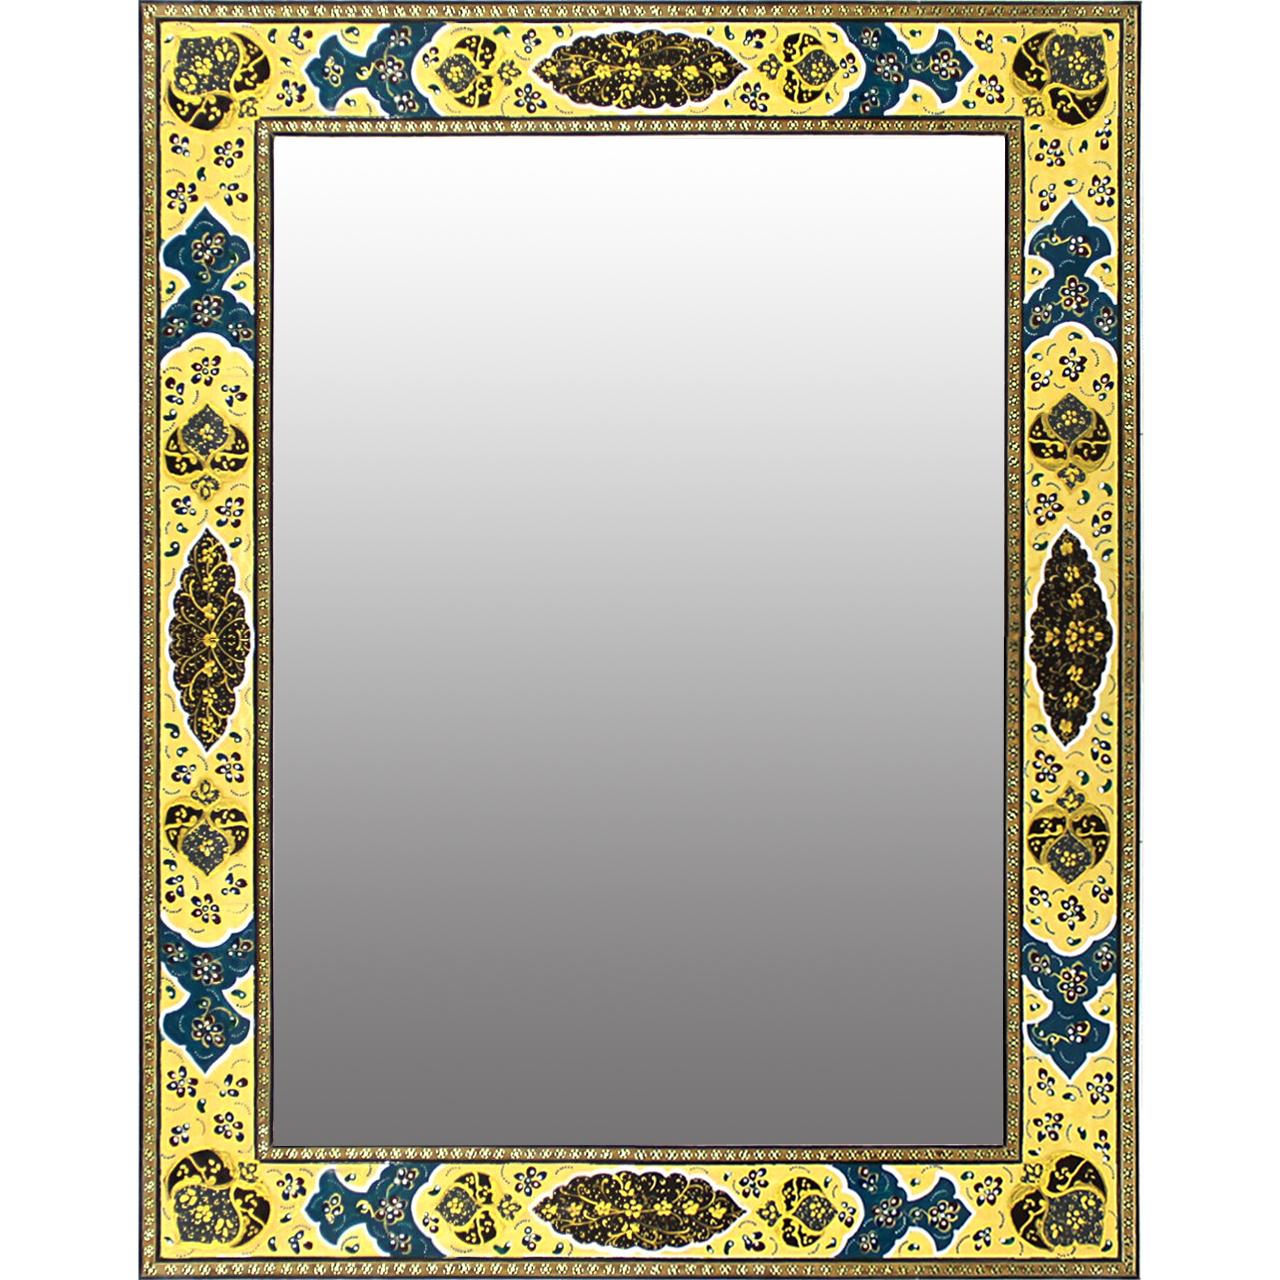 خرید                      آینه دست نگار کد 05-29